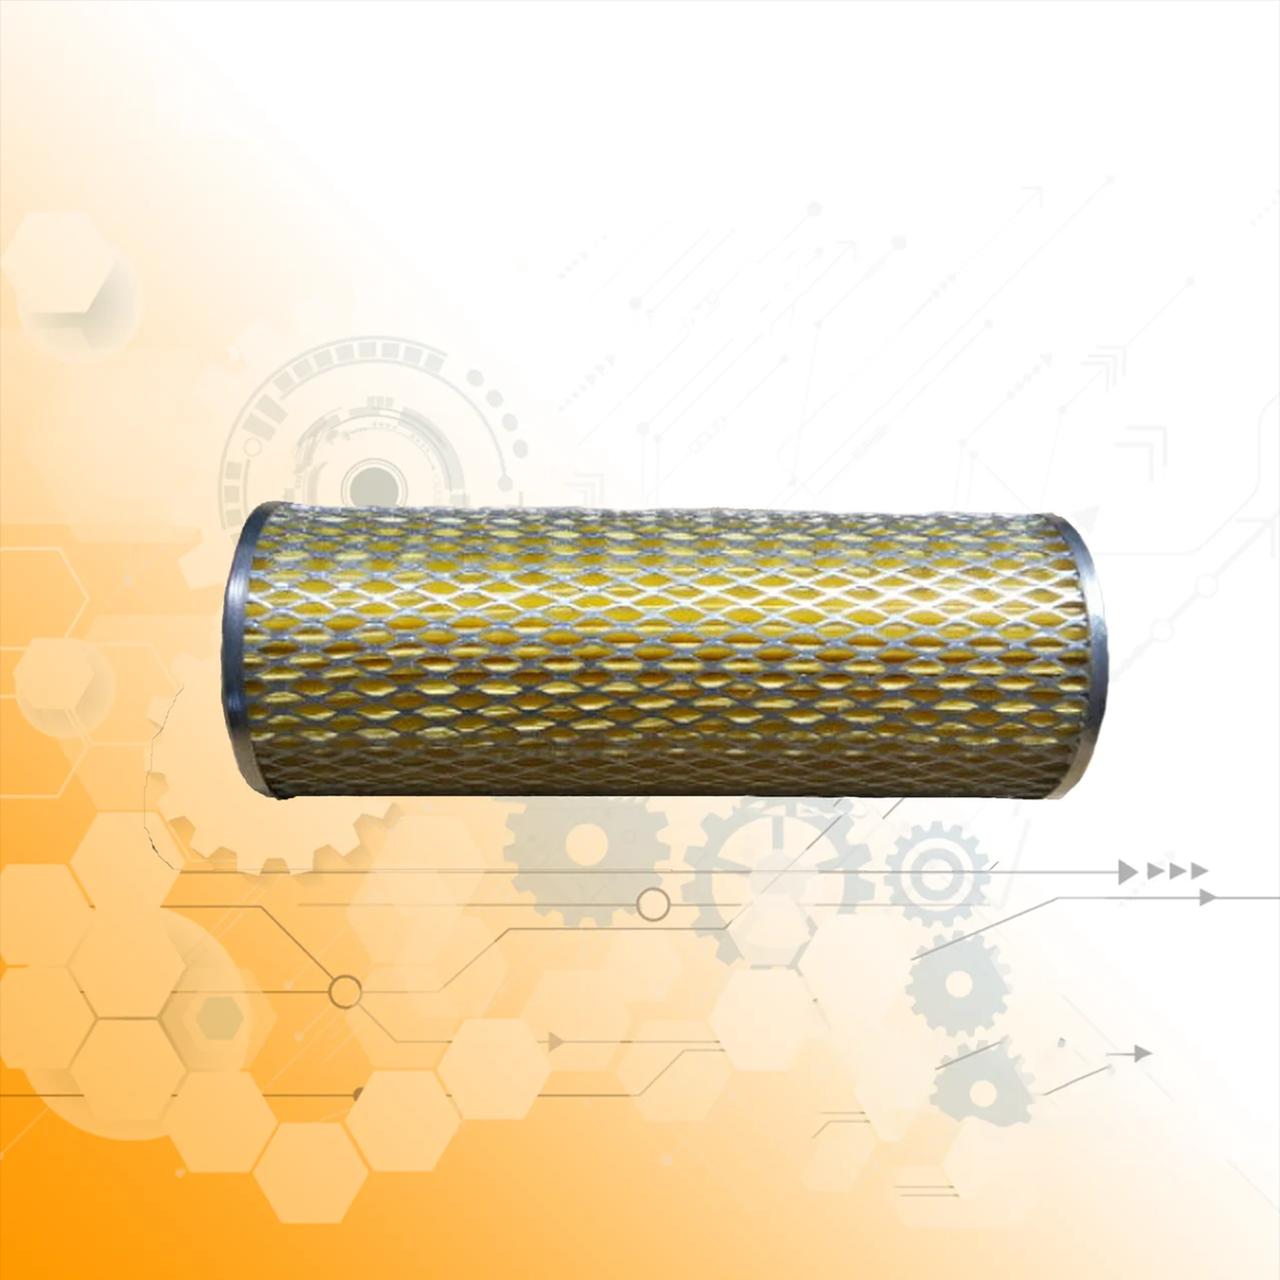 Элемент топливного фильтра ЯМЗ гр.оч. 201-1105540